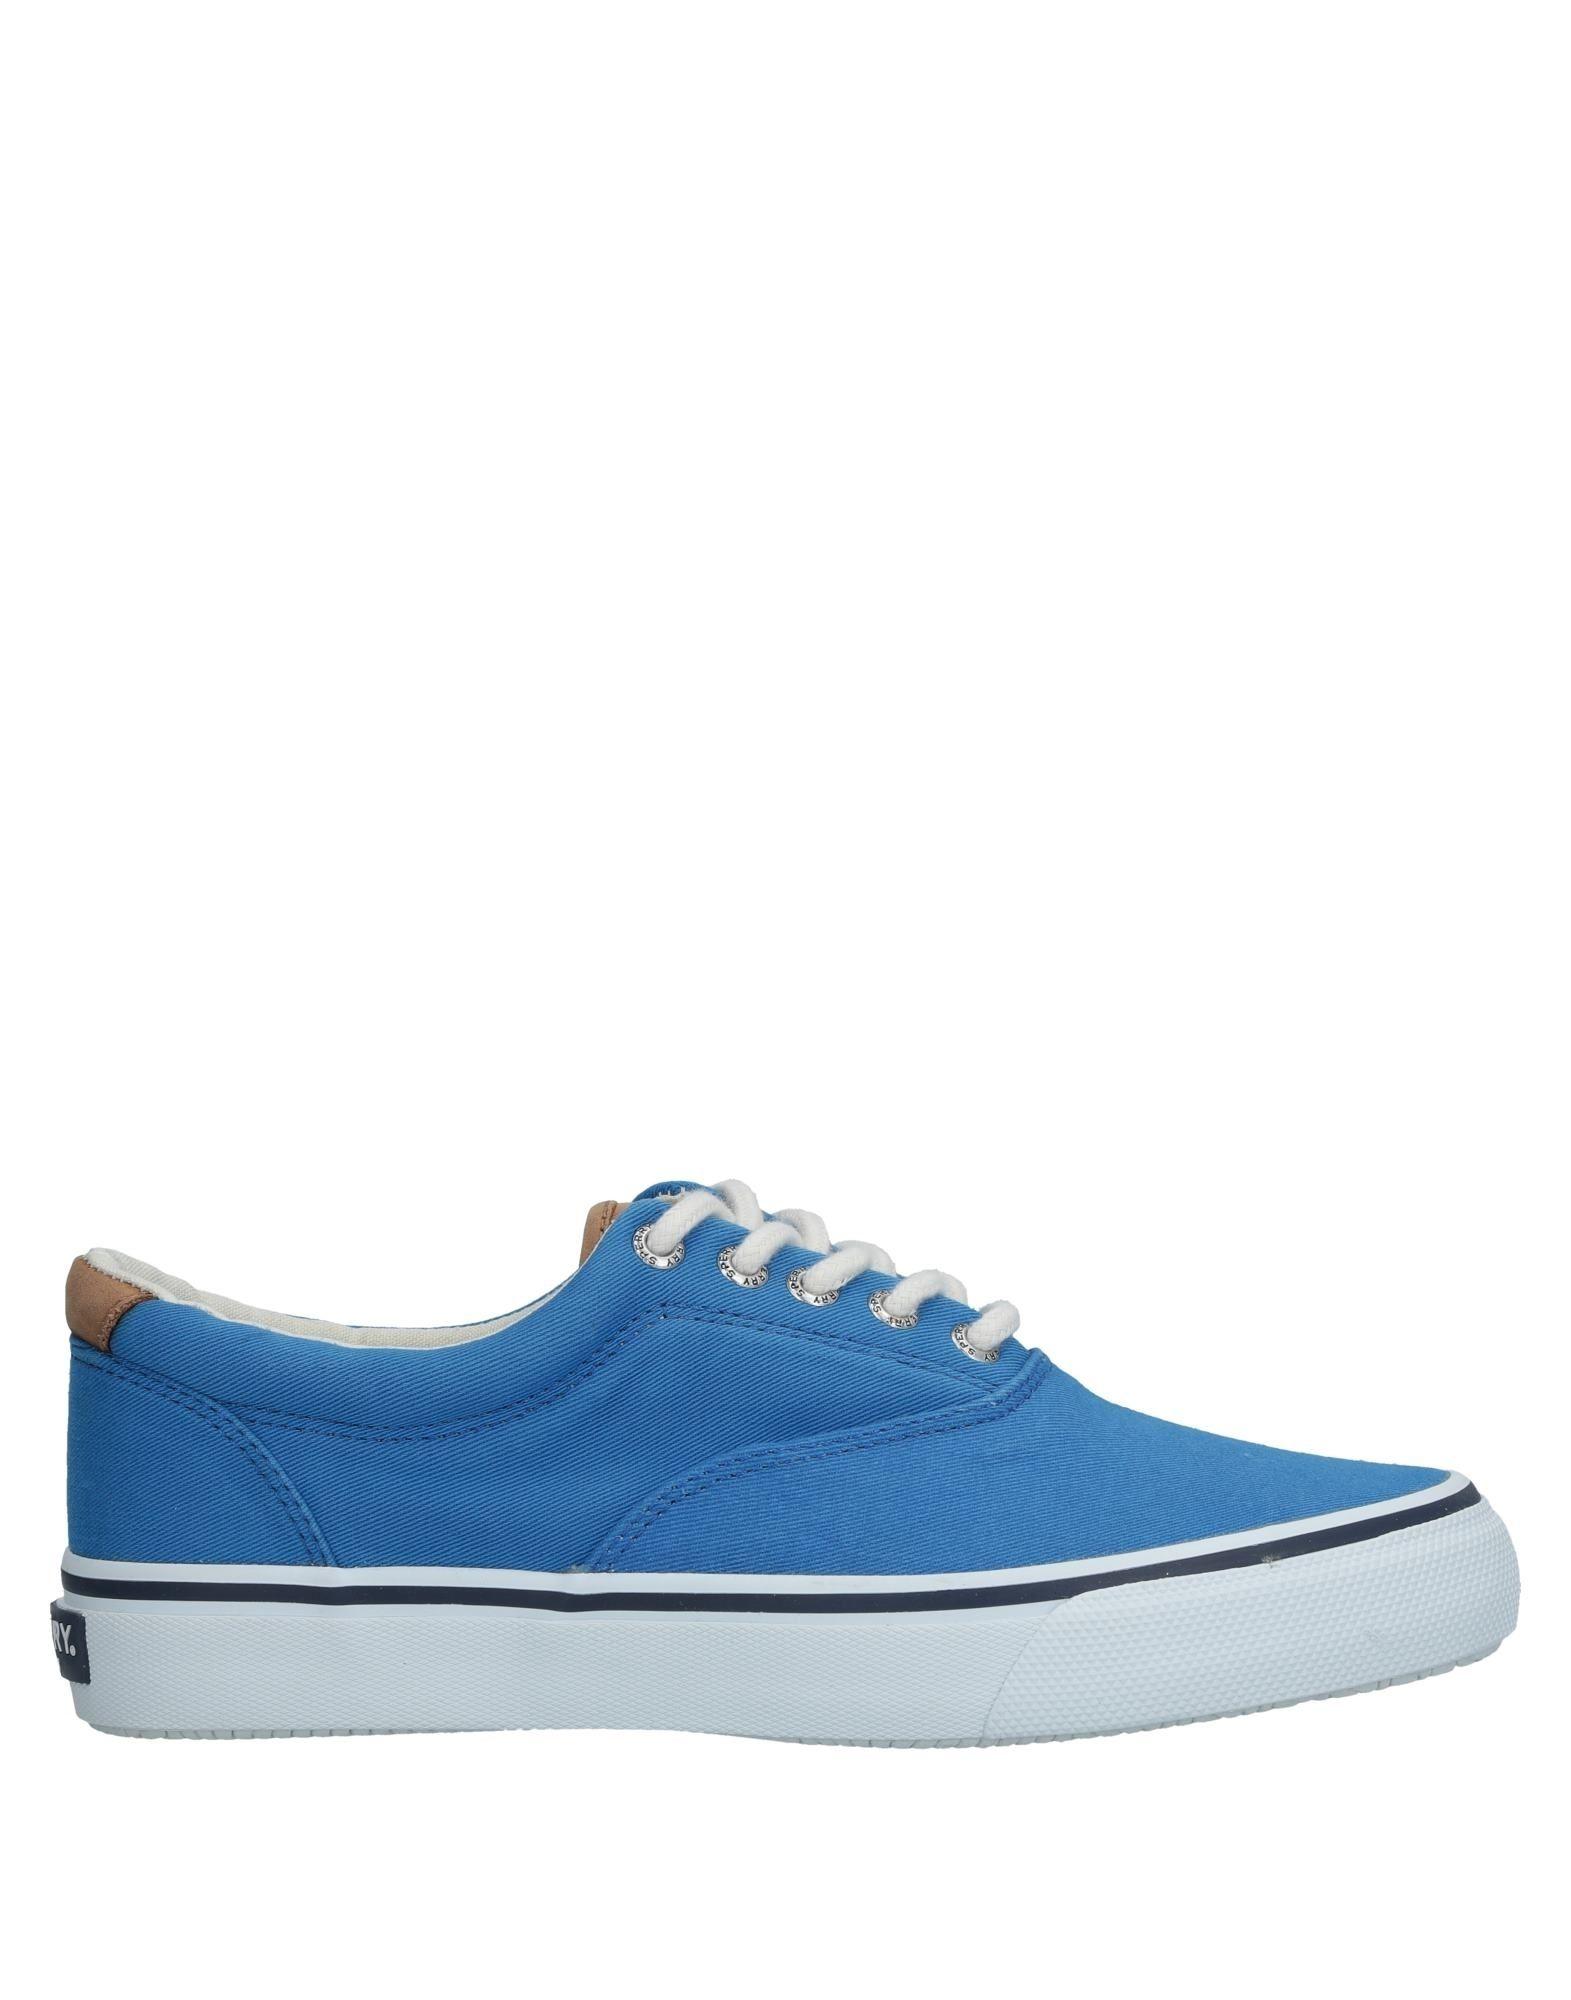 Scarpe economiche e resistenti Sneakers Sperry Uomo Uomo Sperry - 11524922IP 660803